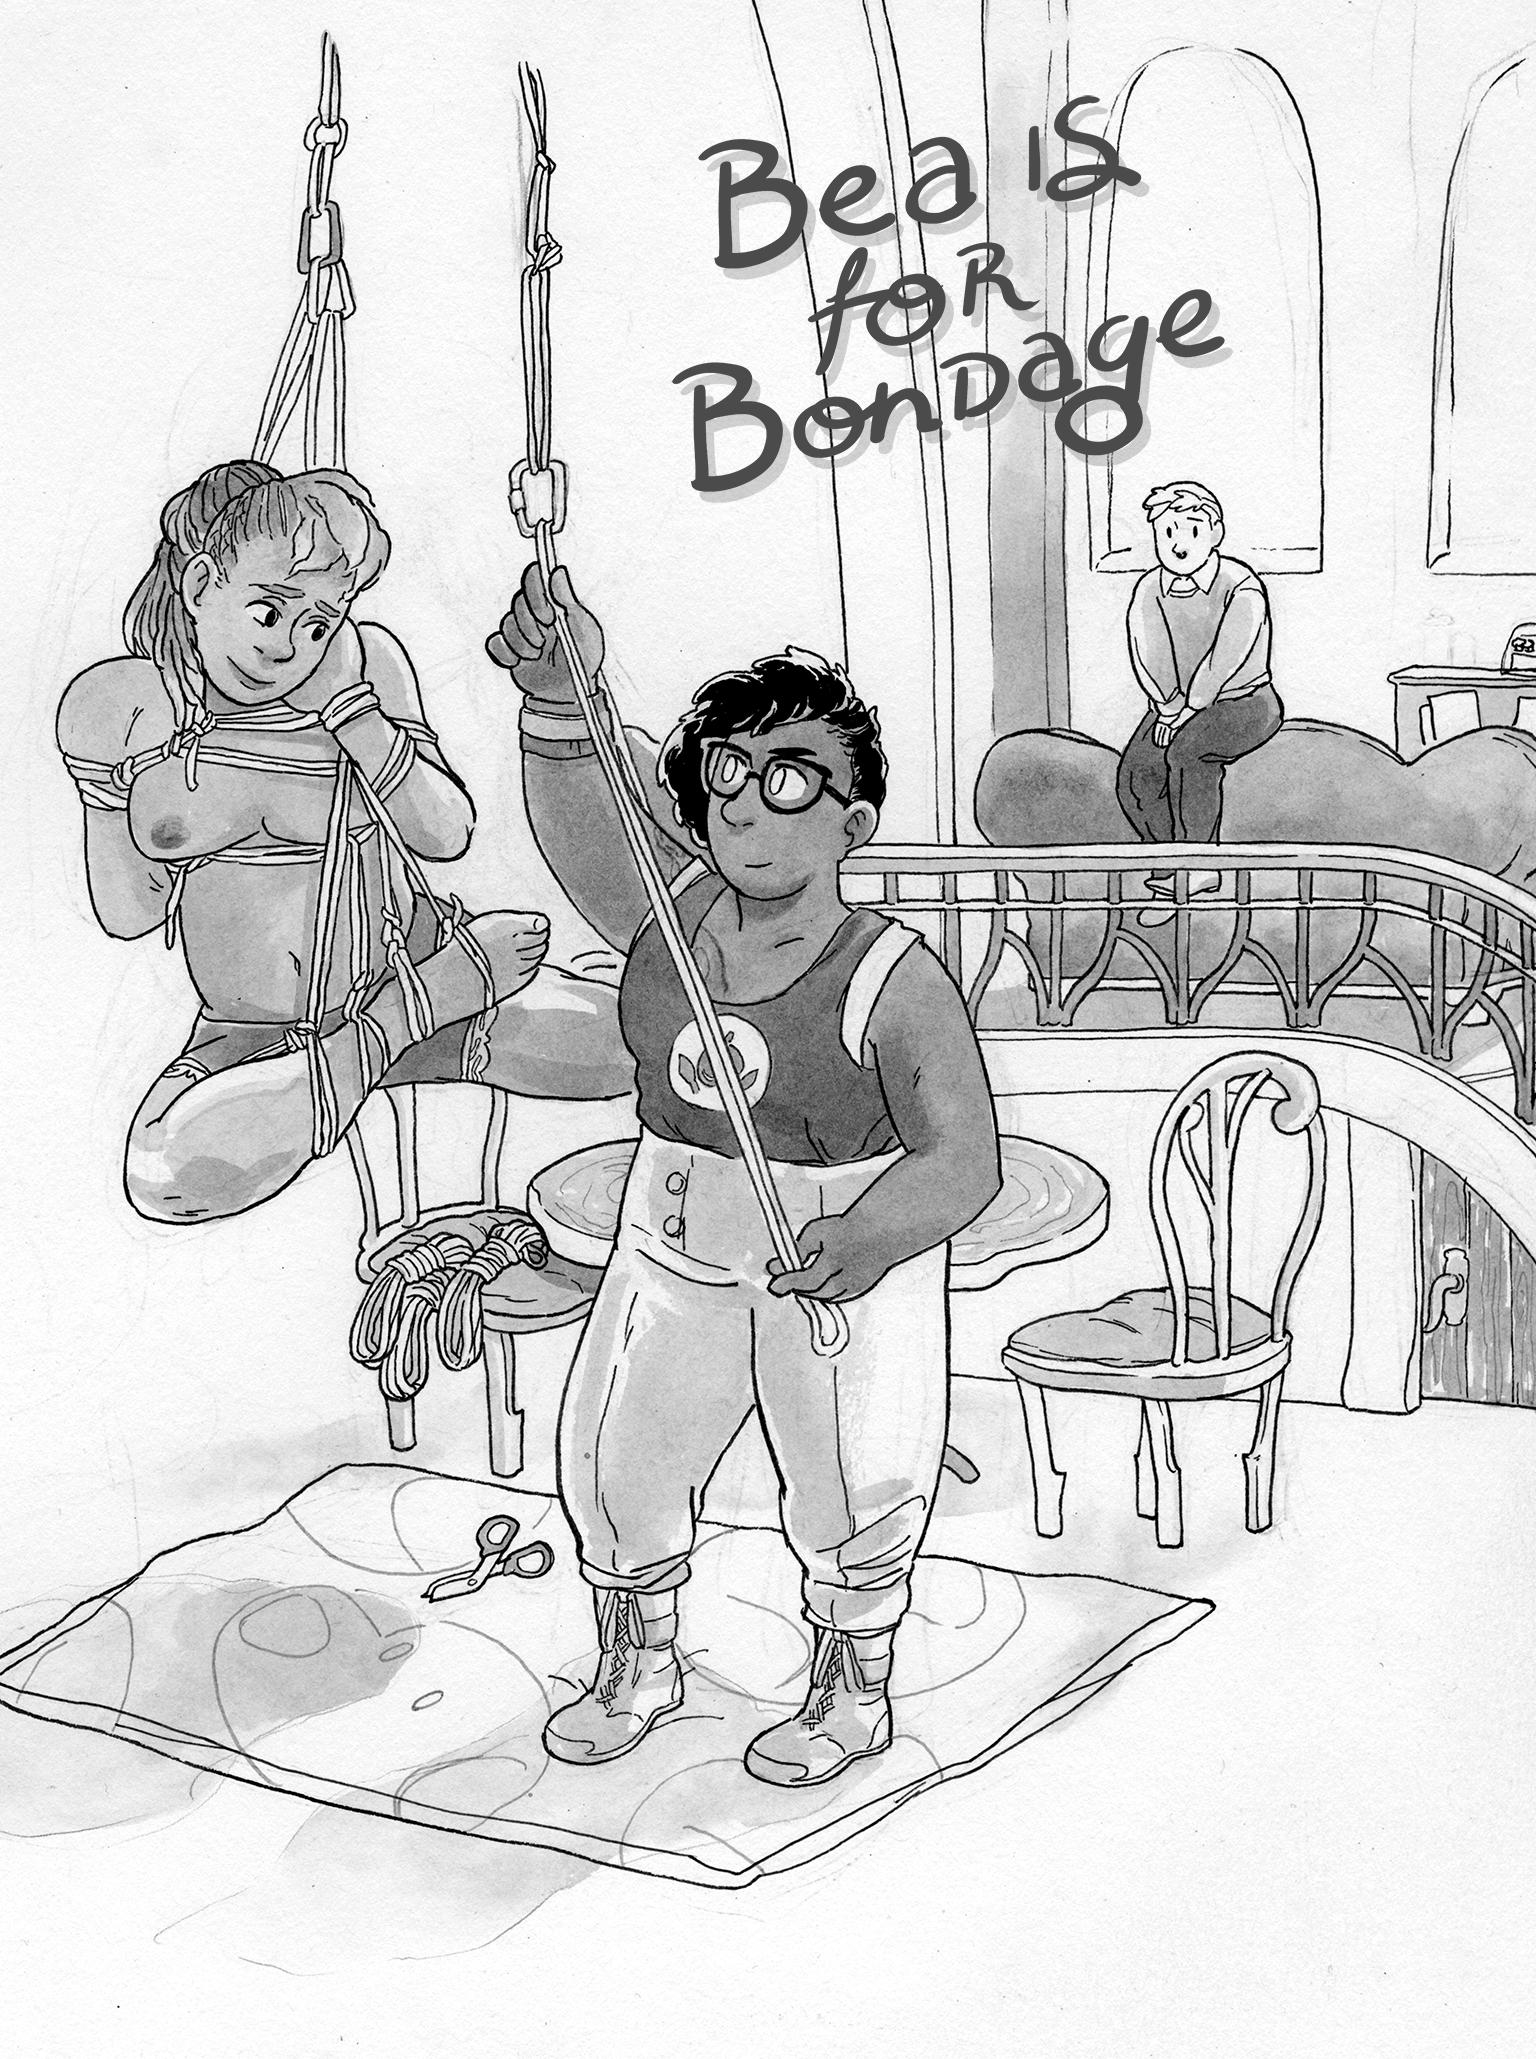 Splash image of Bea for Bondage story, with Nella hoisting someone in bondage while Bea watches from afar